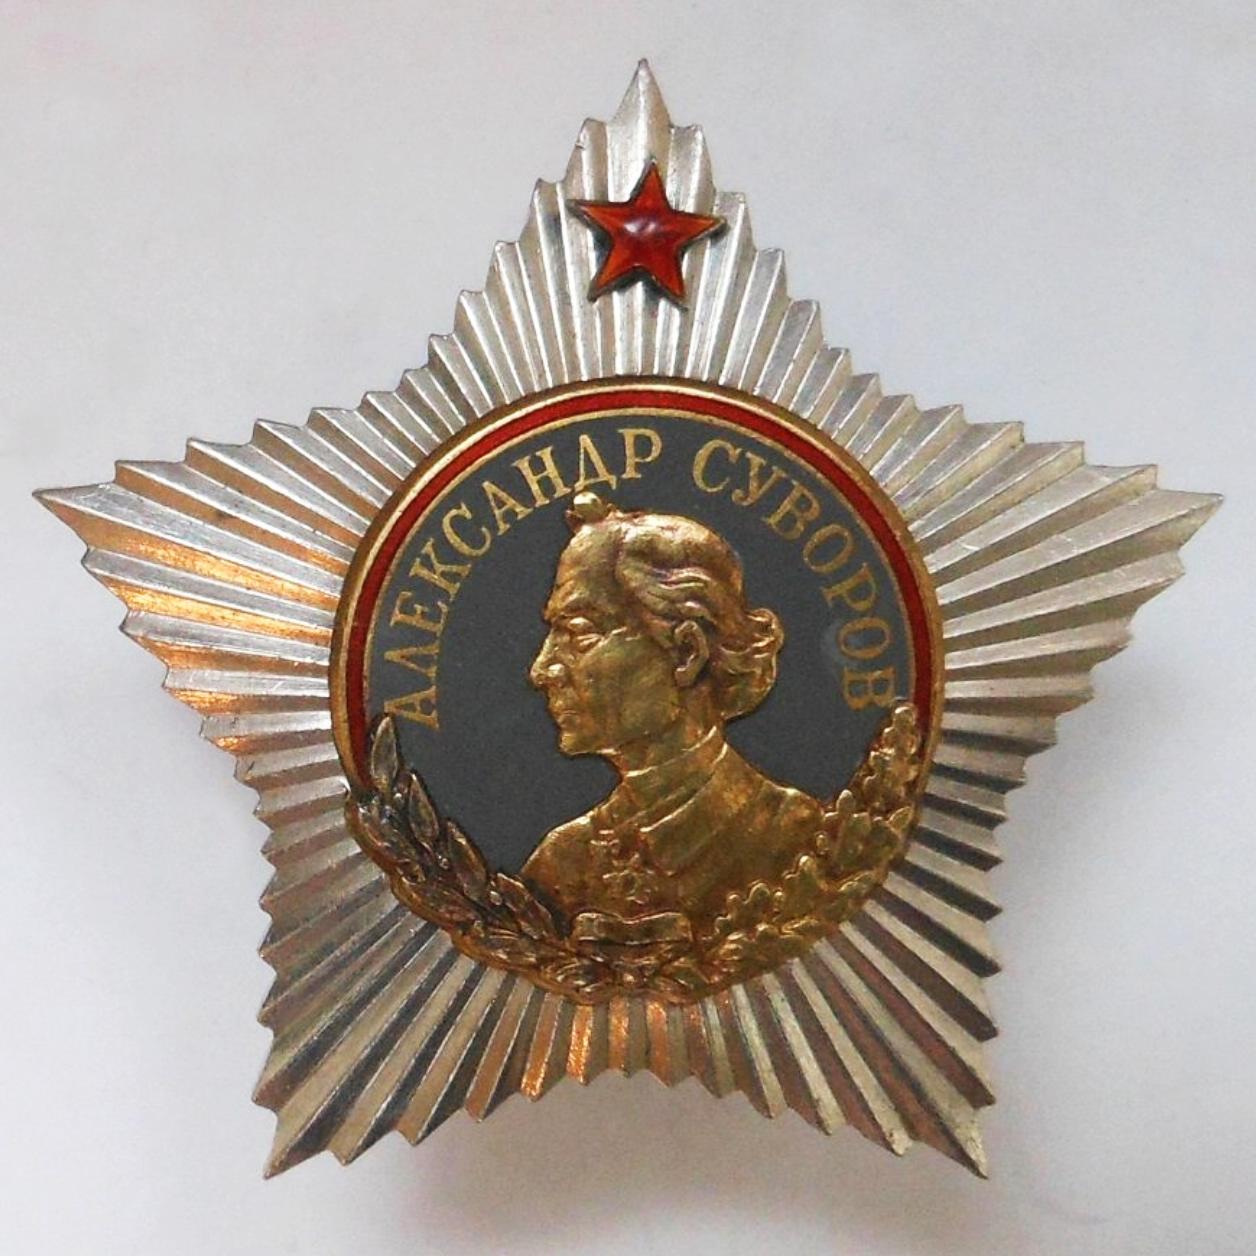 Орден Суворова I степени № 329, В.И. Чуйкова. Краснокамский монетный двор. 1945 г.